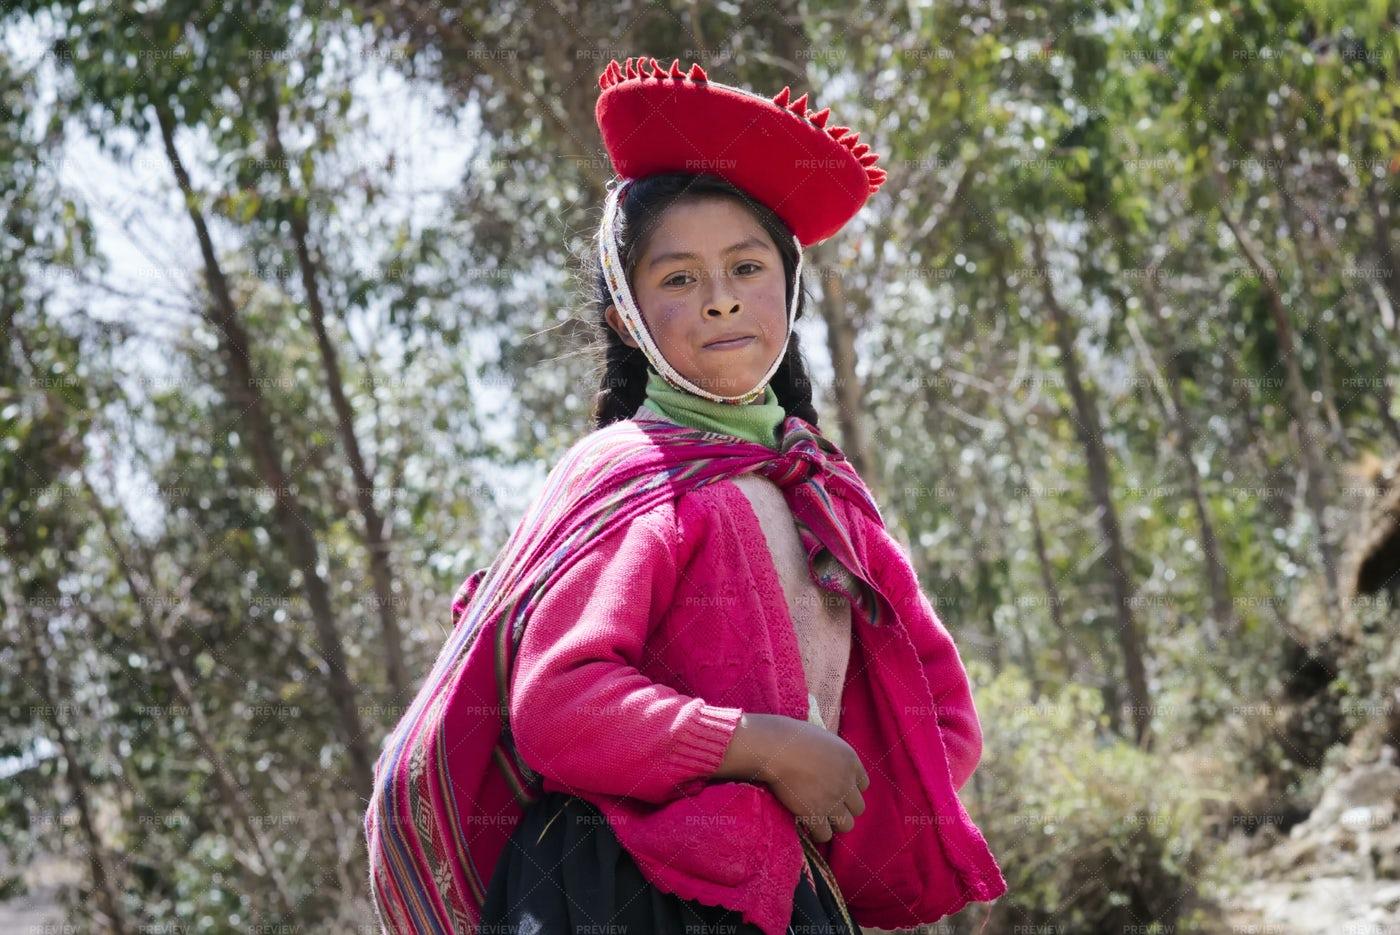 Peruvian Girl: Stock Photos